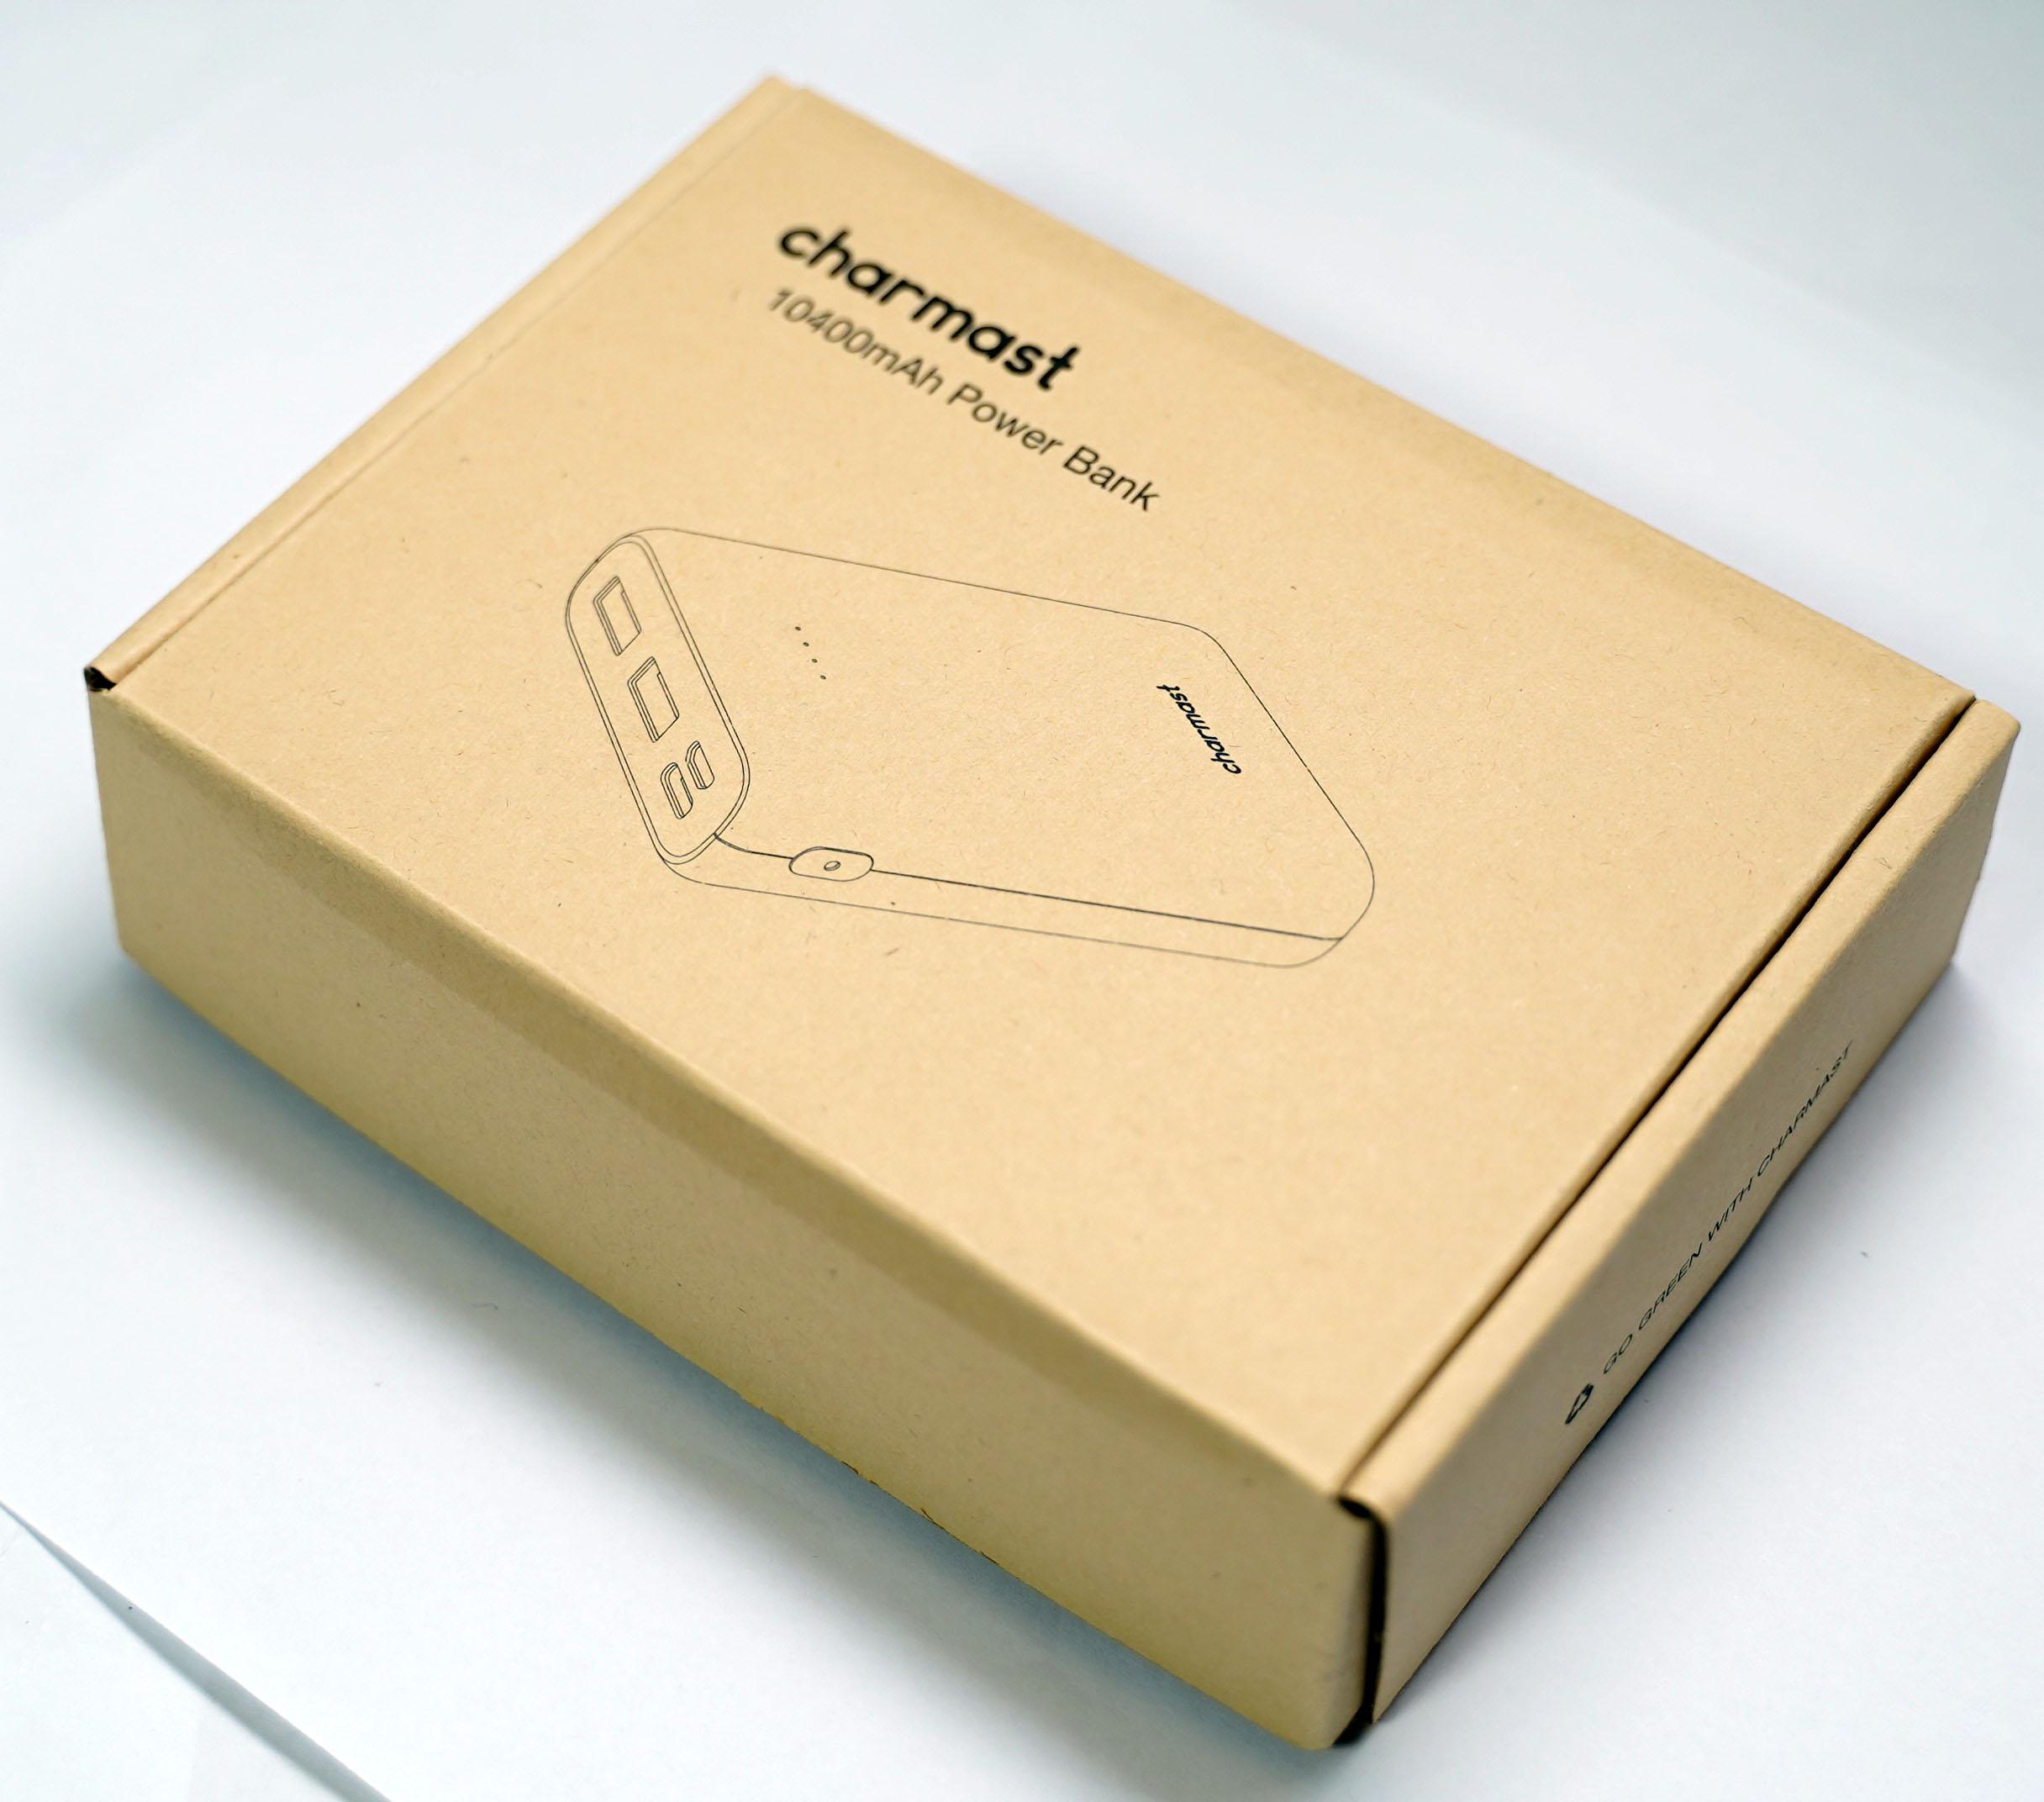 【レビュー】モバイルバッテリー Charmast 10400mAhを買ってみた。